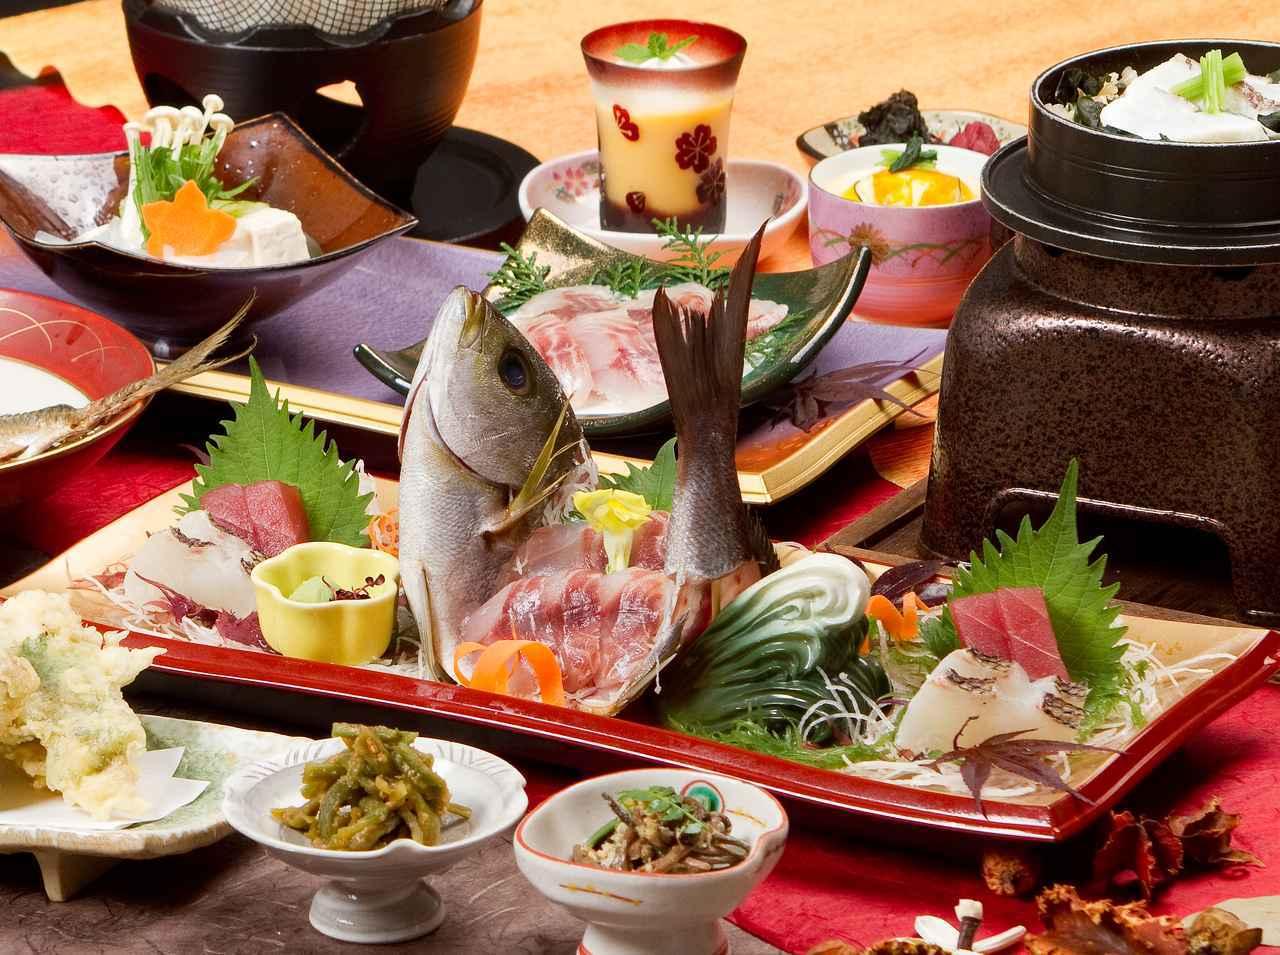 画像: 50代後半の方に聞いた!還暦祝いの食事会で食べたい料理ランキング